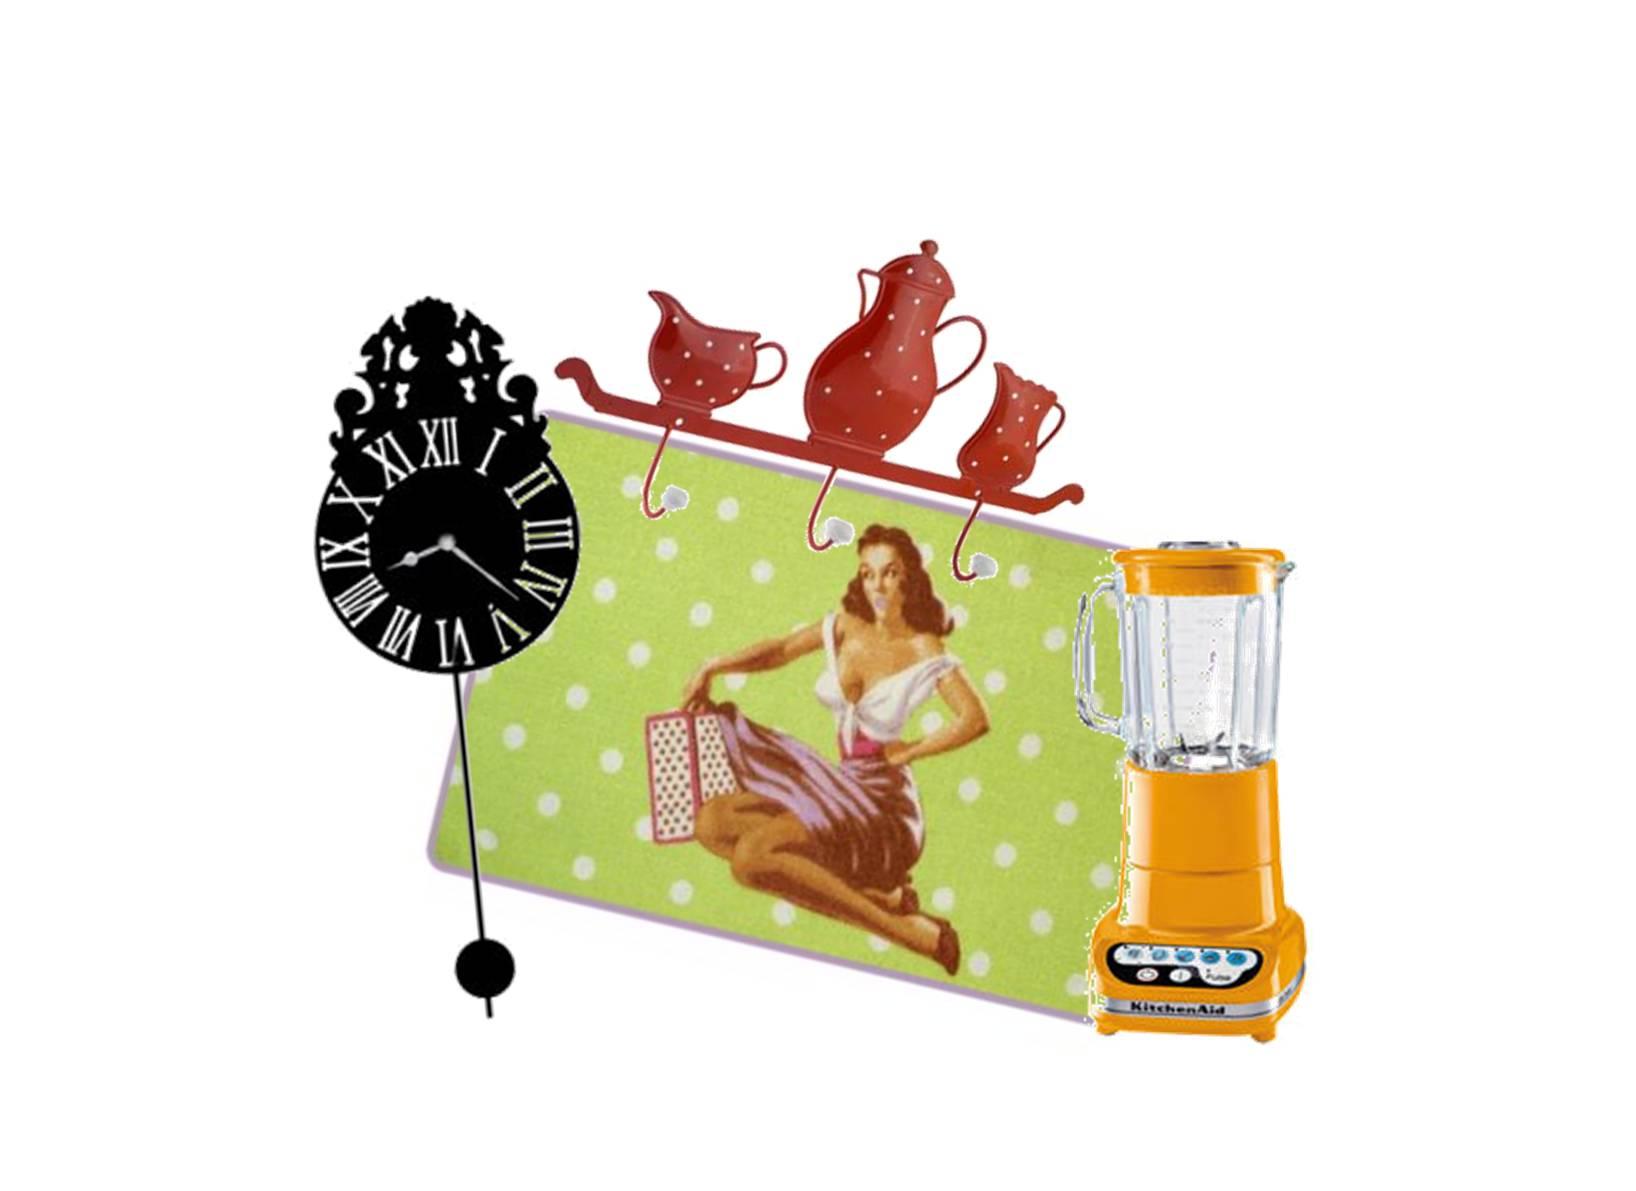 accroche torchon + horloge + tapis de cuisine : G.Lethu ; blender : KitchenAid